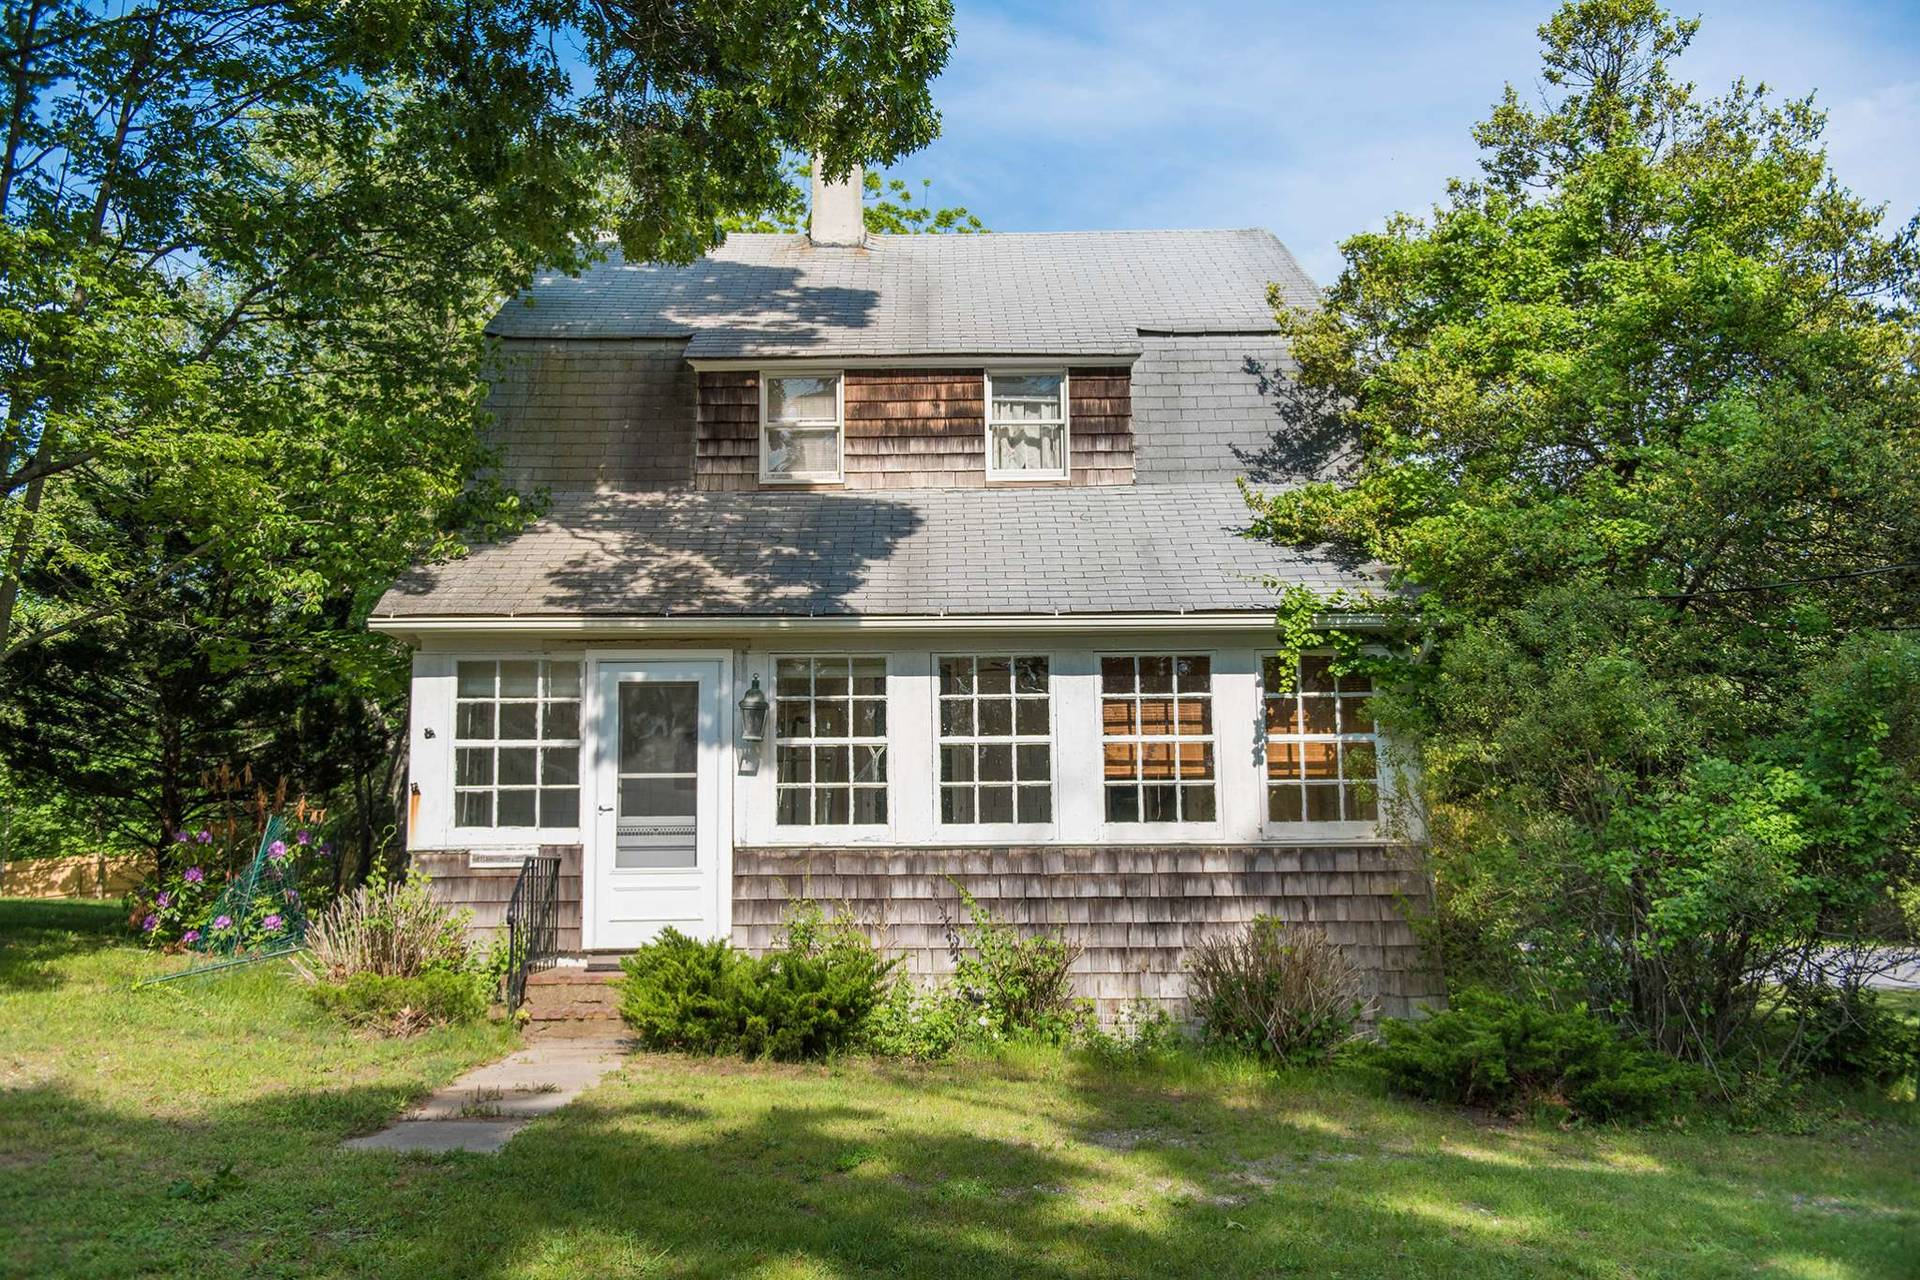 Land for Sale at Sag Harbor Village Opportunity 14 Shaw Road, Sag Harbor, New York